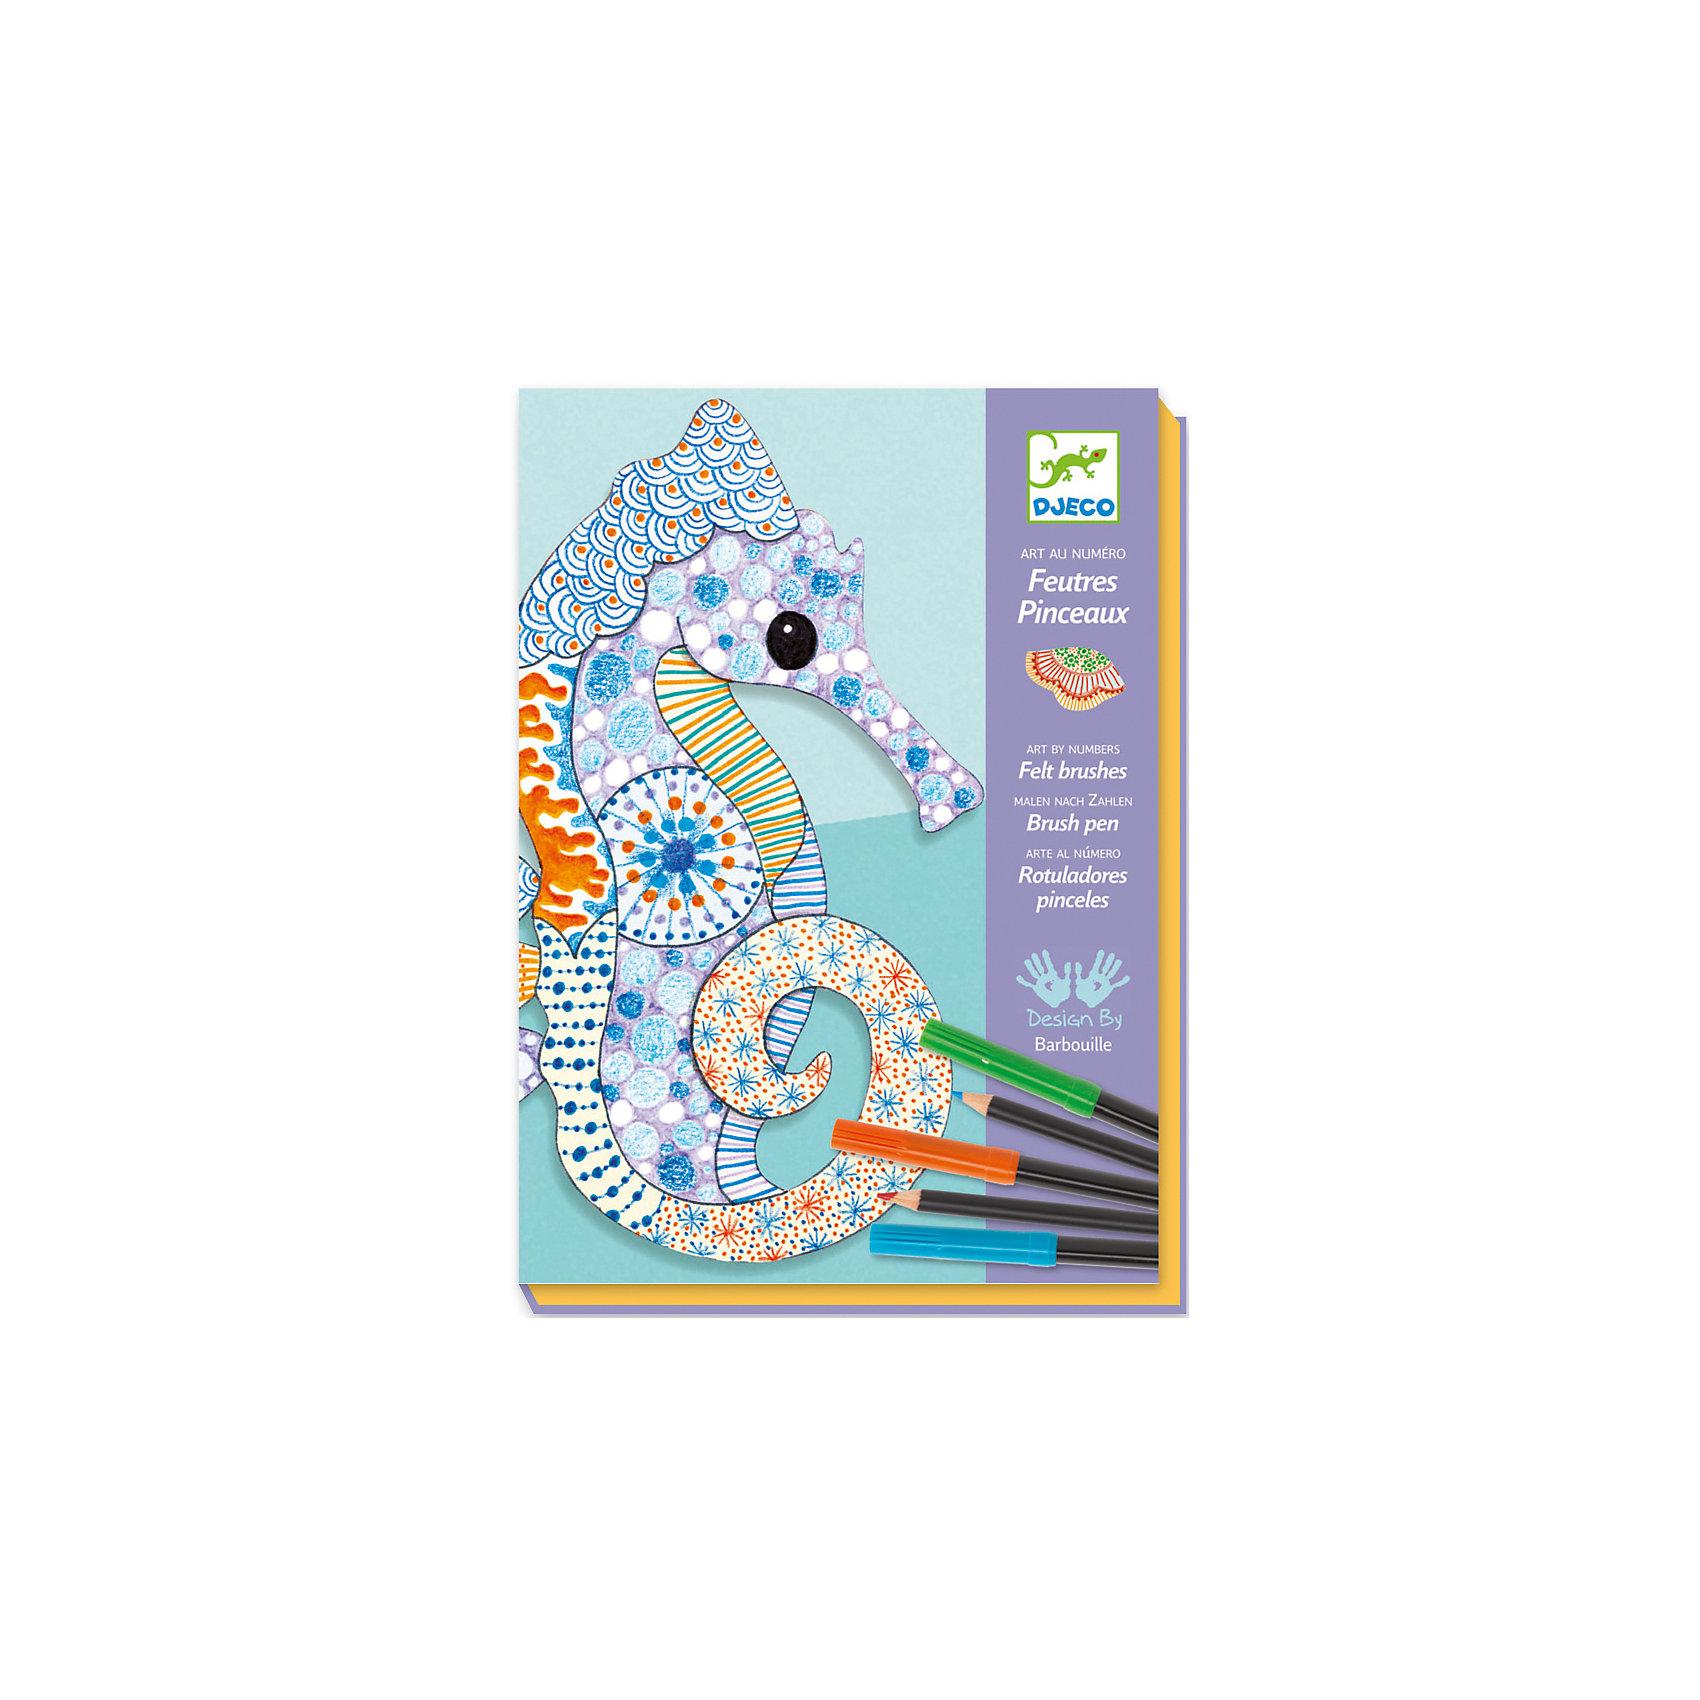 Набор для рисования ПриродаКрасивый творческий набор для детей, который поможет развить творческий потенциал ребенка, привить любовь к творчеству, аккуратность, усидчивость и внимательность. С этим набором ваш ребенок сможет создать сложные, детальные изображения различных животных при помощи двусторонних фломастеров и карандашей, входящих в комплект. <br><br>В набор входит: <br><br>4 разновидности фона для рисунка,<br>4 карандаша,<br>5 разноцветных двусторонних фломастеров,<br>пошаговая инструкция.<br><br>Красочная подробная инструкция с примерами подскажет детям, как нужно создавать изображения. <br><br>Набор для рисования Природа можно купить в нашем магазине.<br><br>Ширина мм: 230<br>Глубина мм: 230<br>Высота мм: 40<br>Вес г: 150<br>Возраст от месяцев: 84<br>Возраст до месяцев: 156<br>Пол: Унисекс<br>Возраст: Детский<br>SKU: 4783845